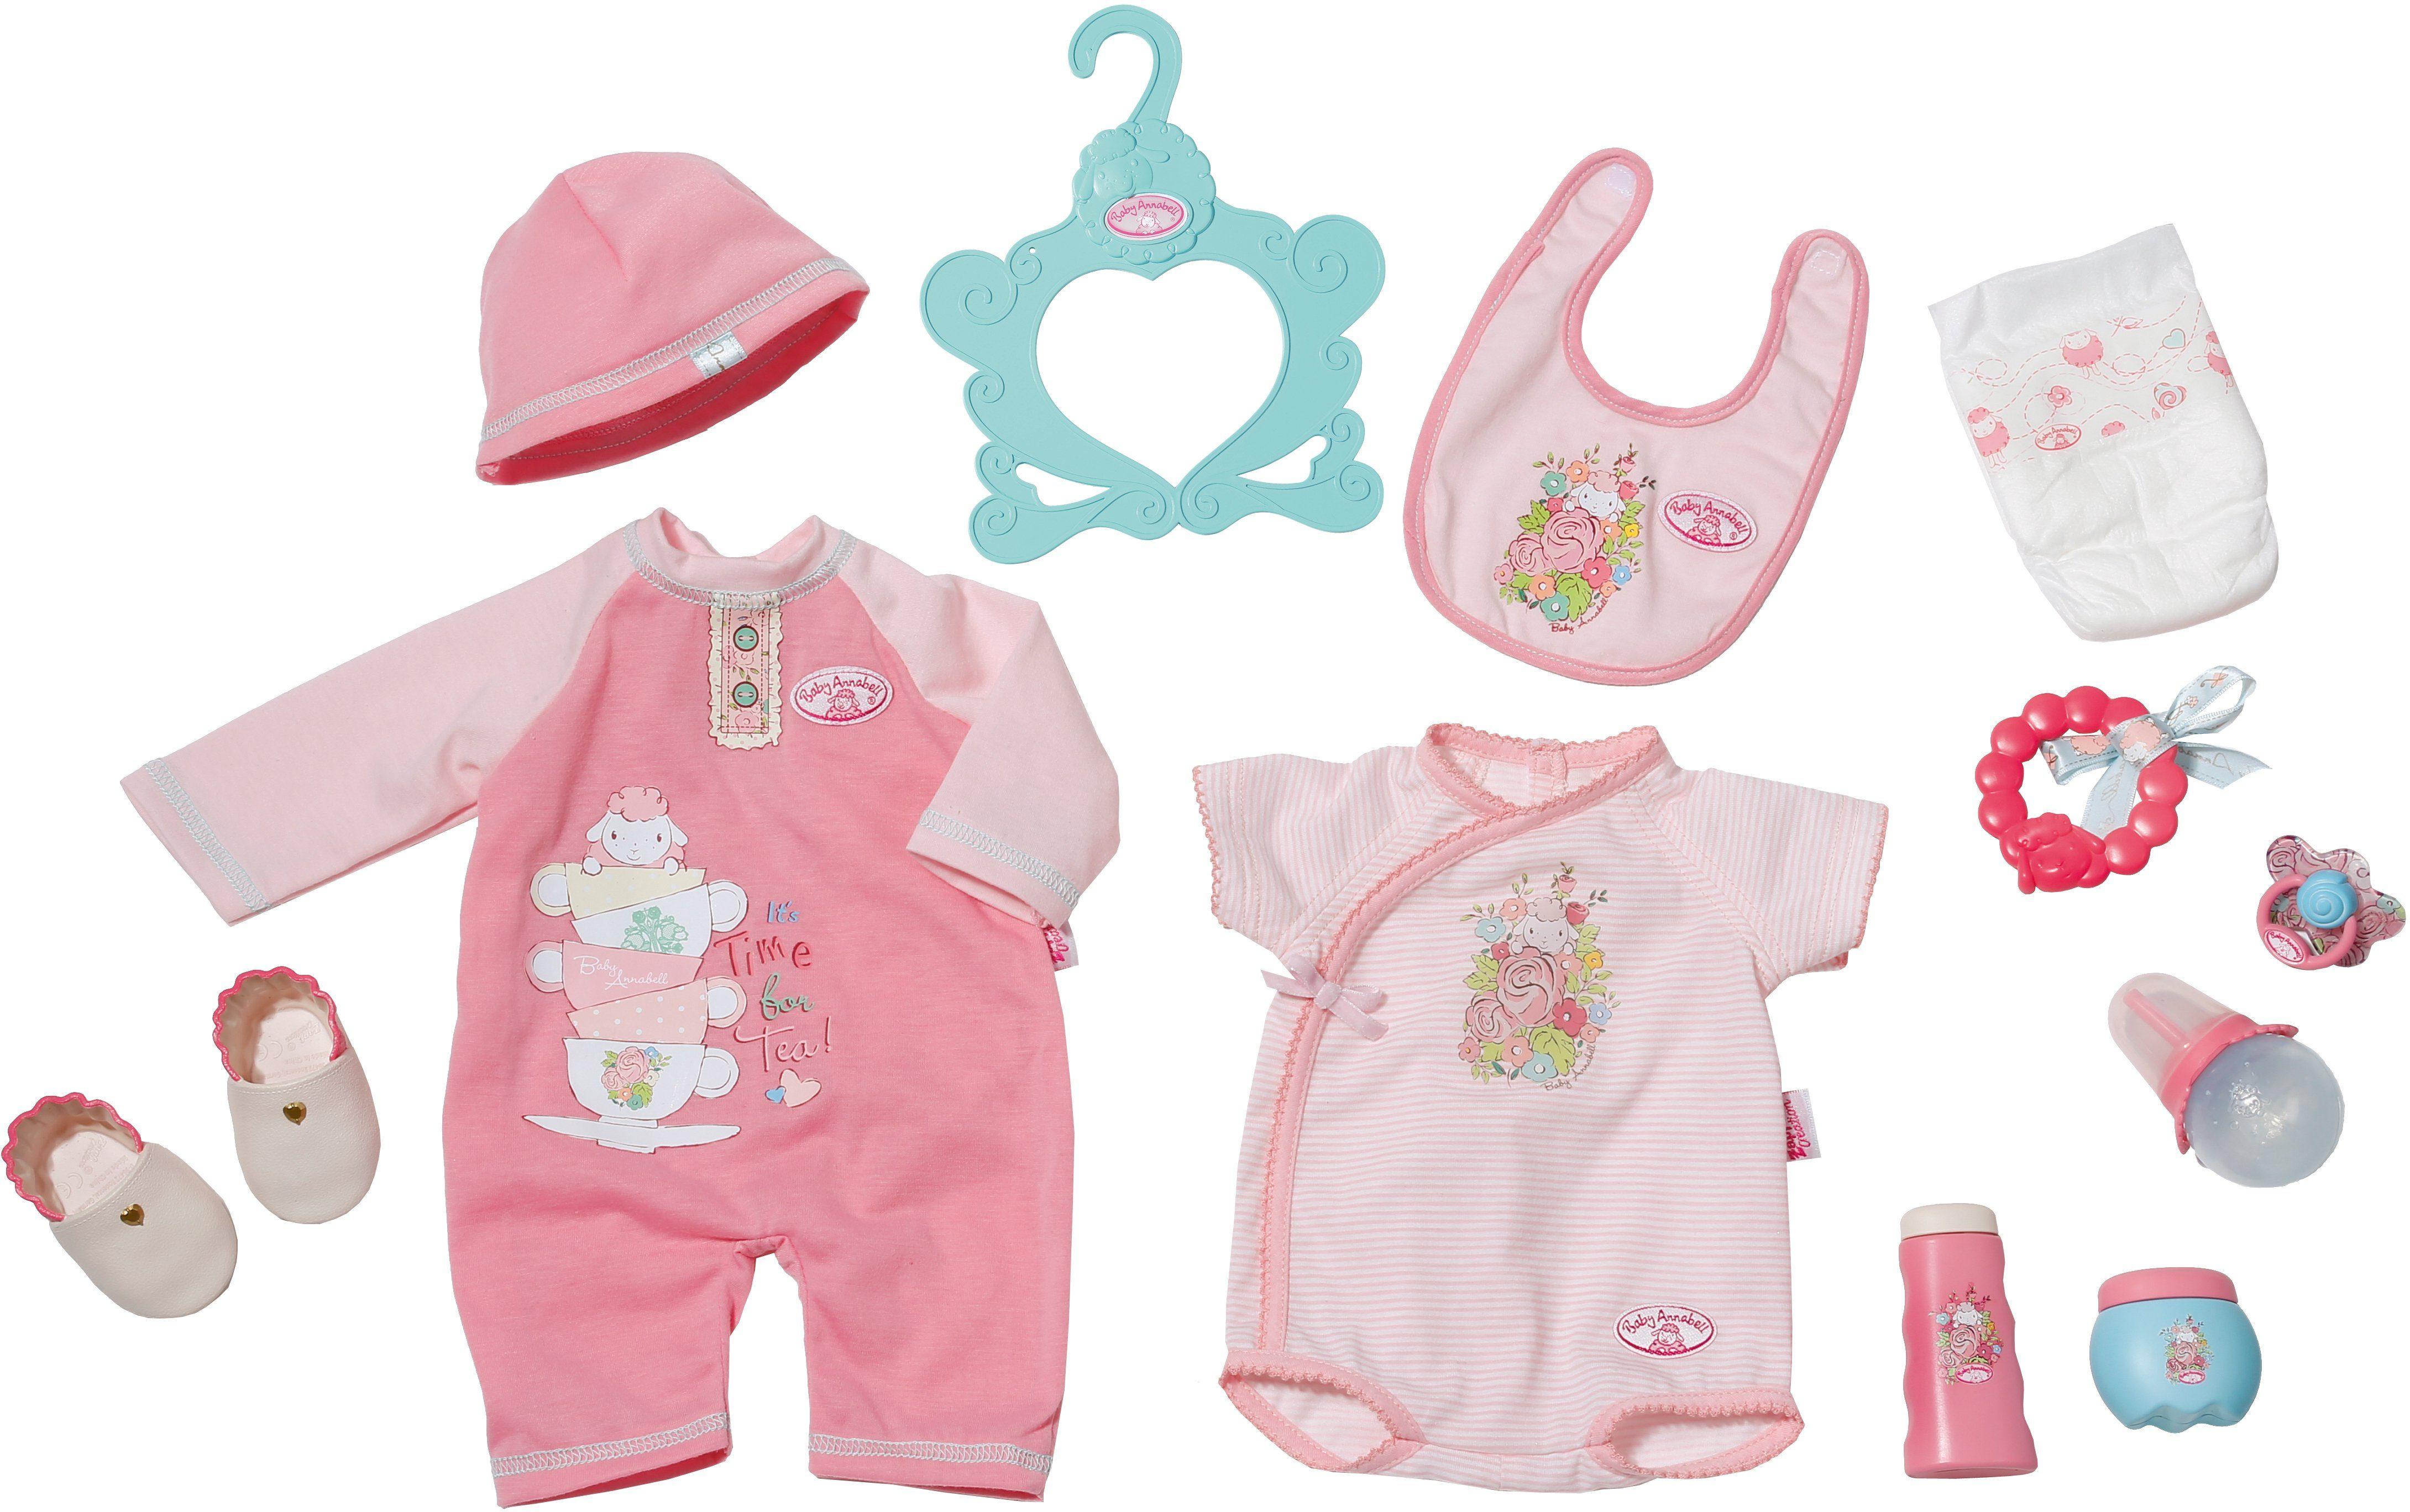 Zapf Creation Puppenbekleidung passend für Puppen 46 cm, »Baby Annabell® Special Care Set«